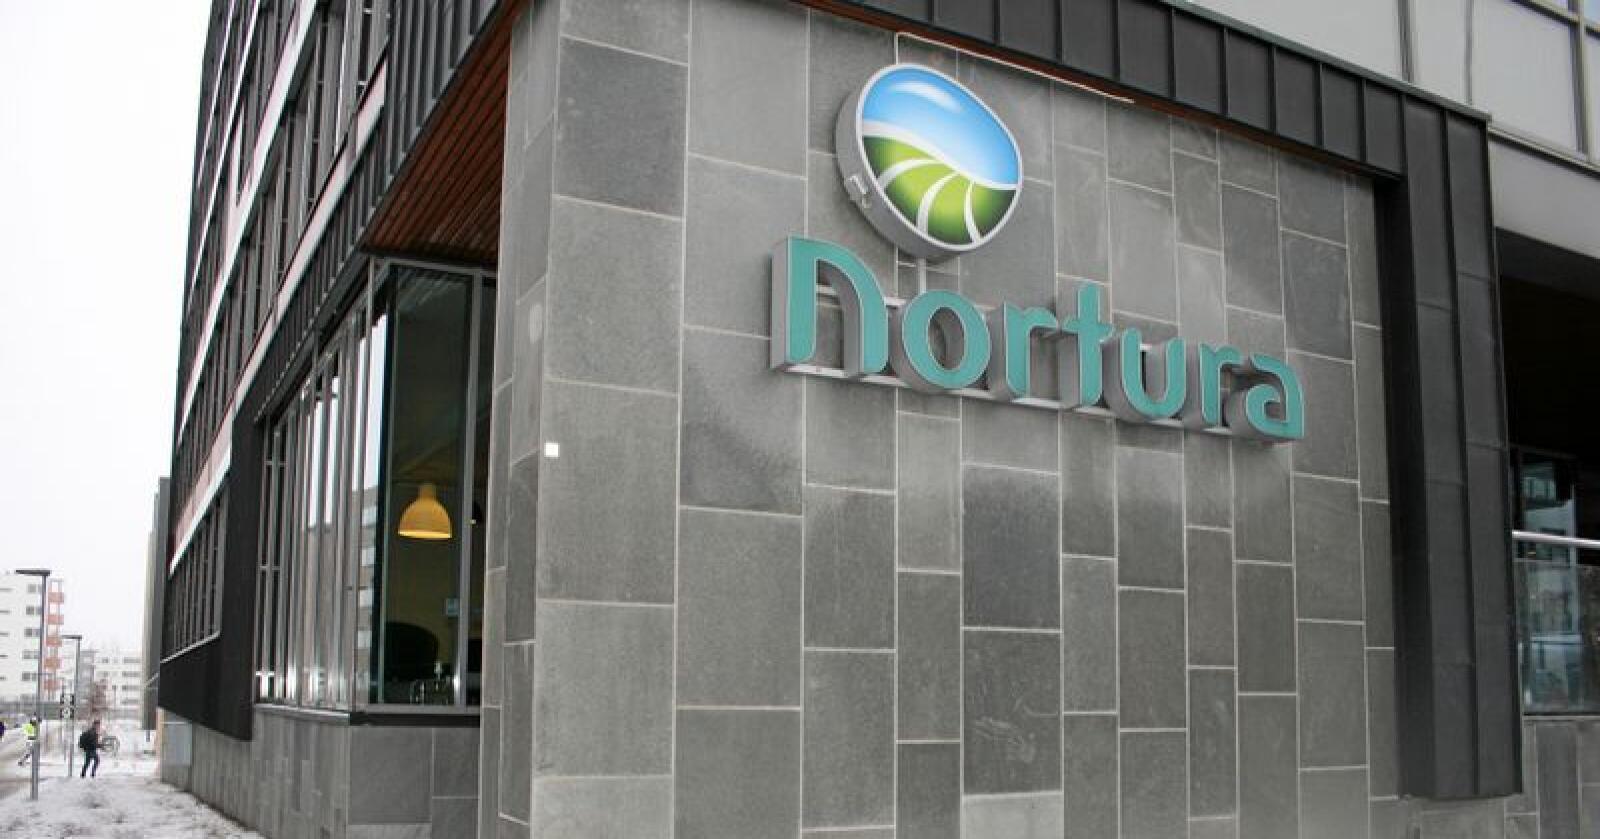 Den korrupsjonssiktede selgeren i Nortura er ikke lenger ansatt i selskapet. Foto: Bjarne Bekkenheien Aase